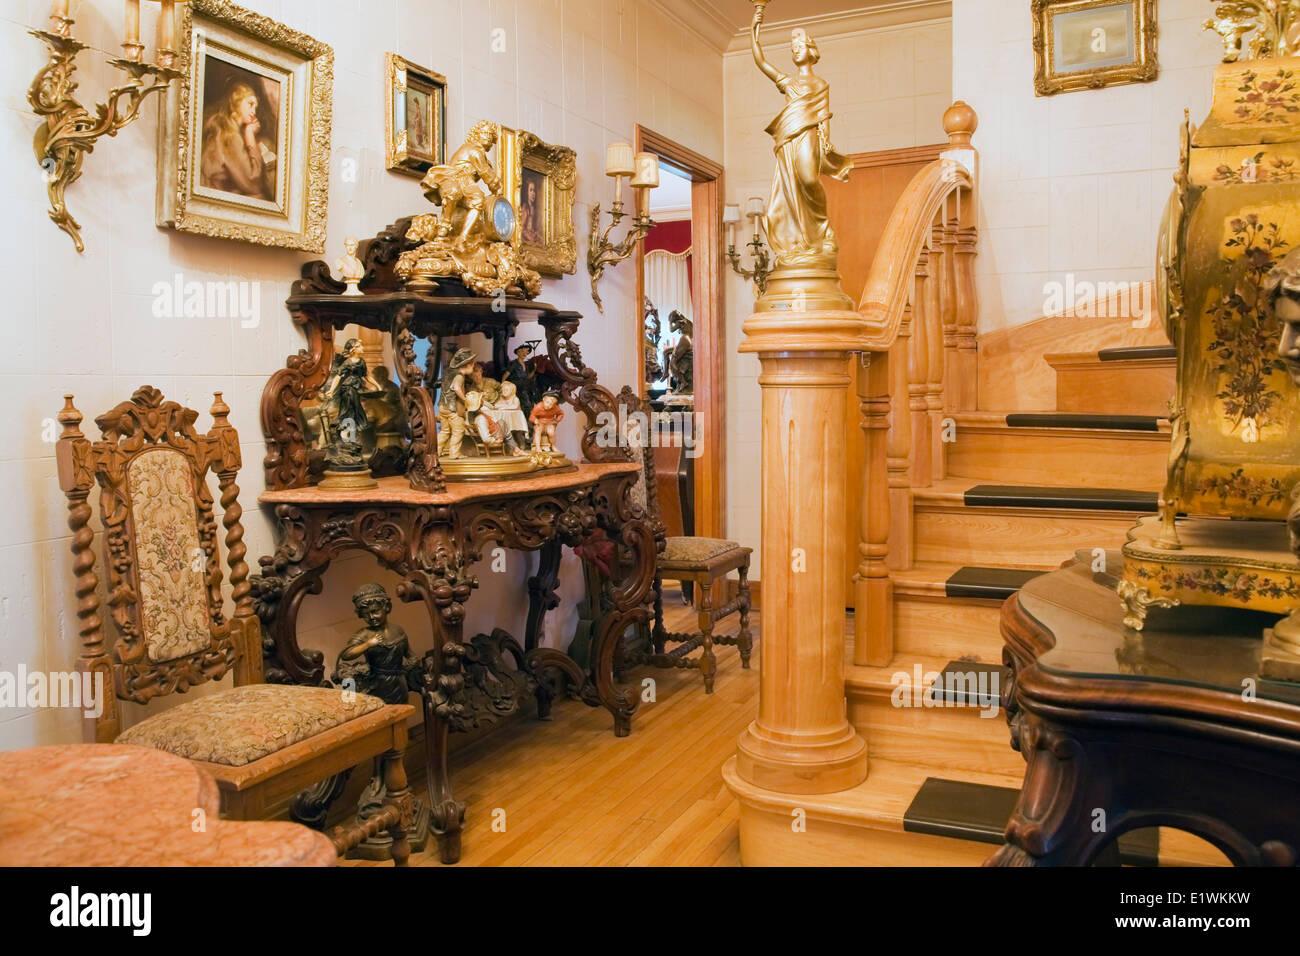 Herrenhaus Möbel antike möbel möbel schmücken einen flur in einem viktorianischen